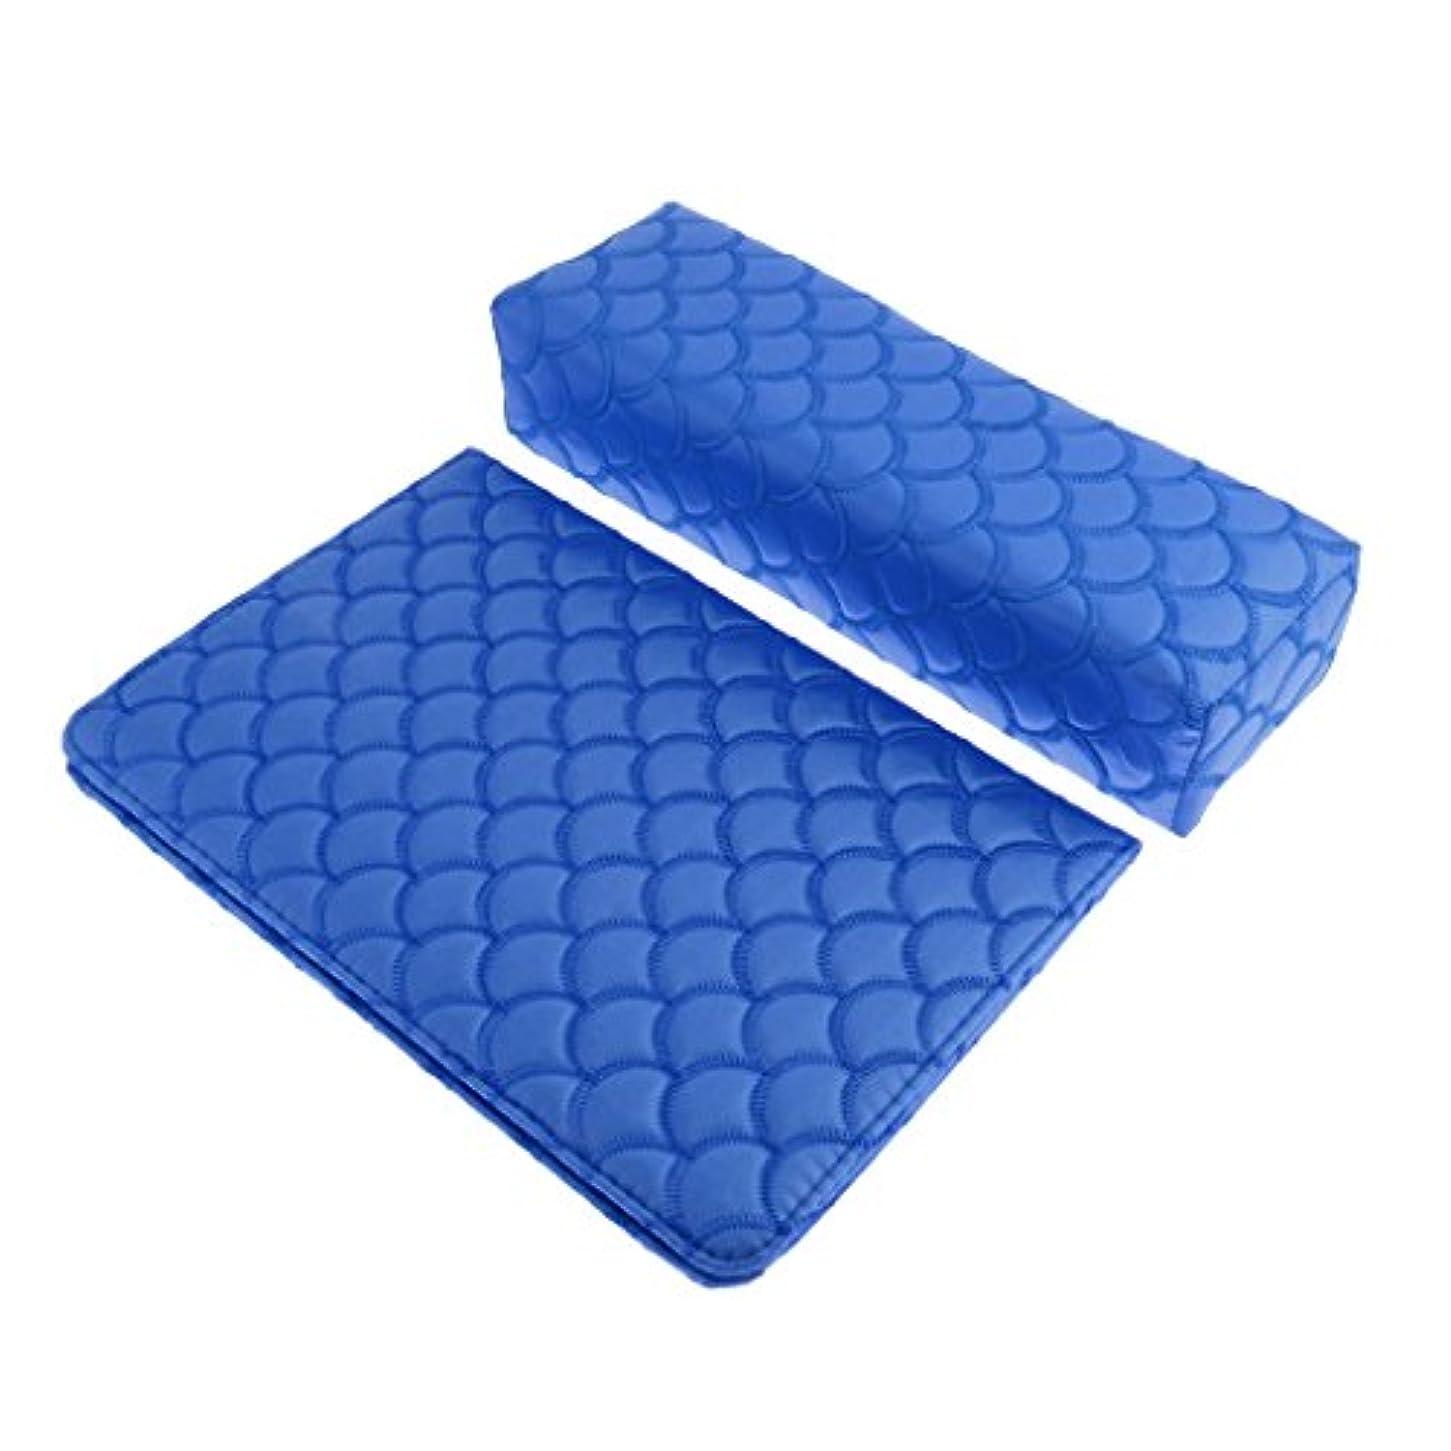 要件物理浸漬ソフト ハンドクッション ネイルピロー パッド ネイルアート デザイン マニキュア アームレストホルダー 多色選べる - 青